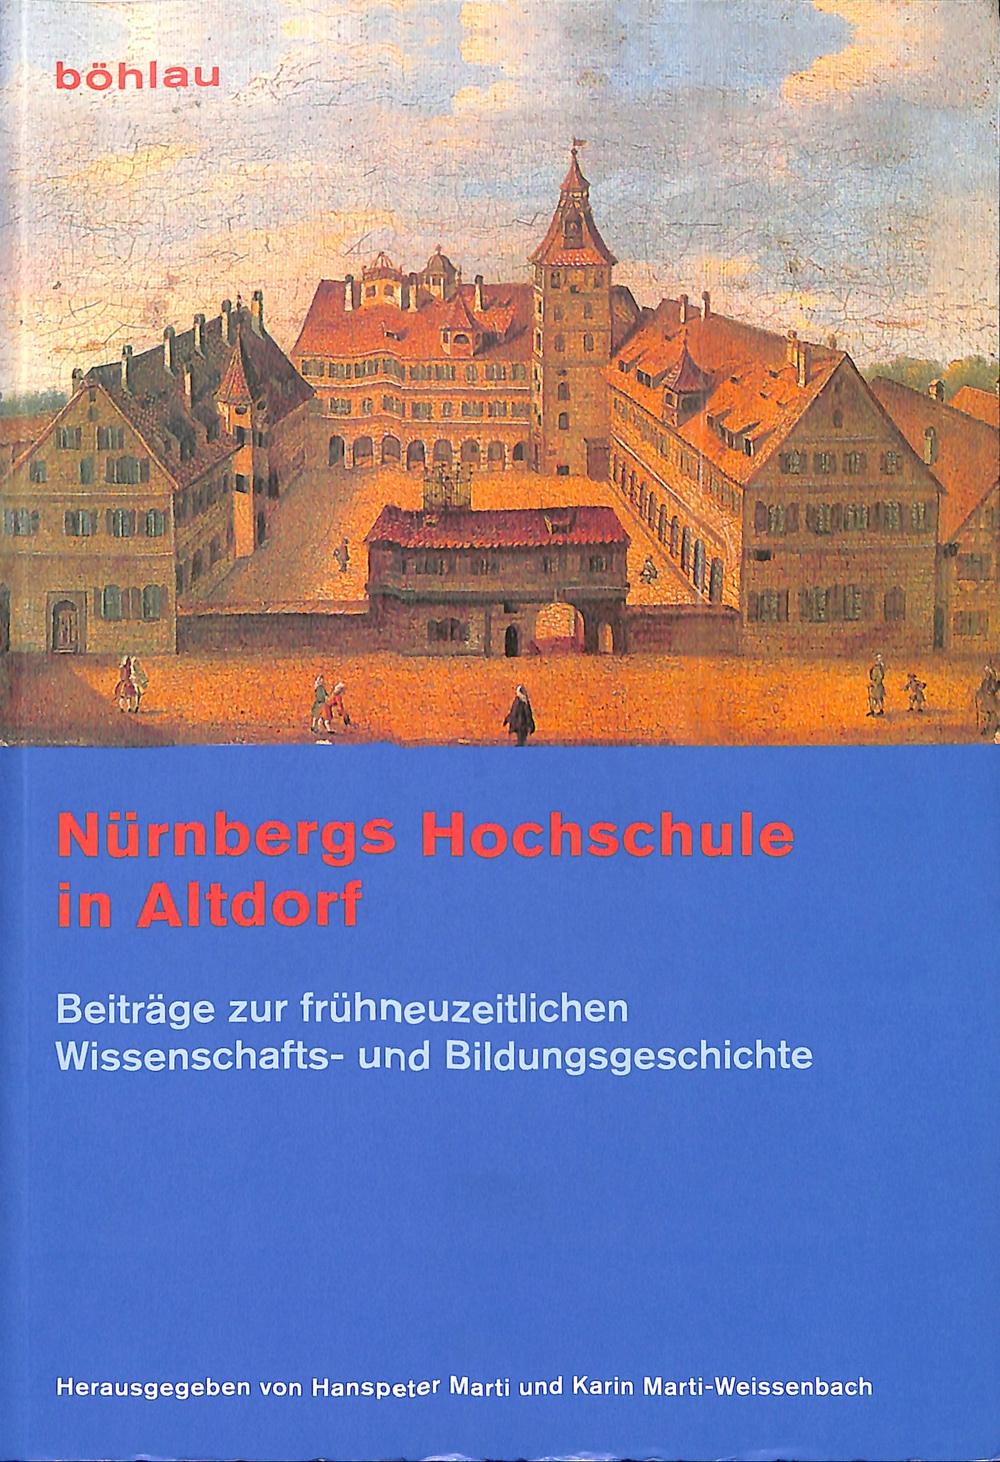 Nürnbergs Hochschule in Altdorf. Beiträge zur frühneuzeitlichen Wissenschafts- und Bildungsgeschichte.